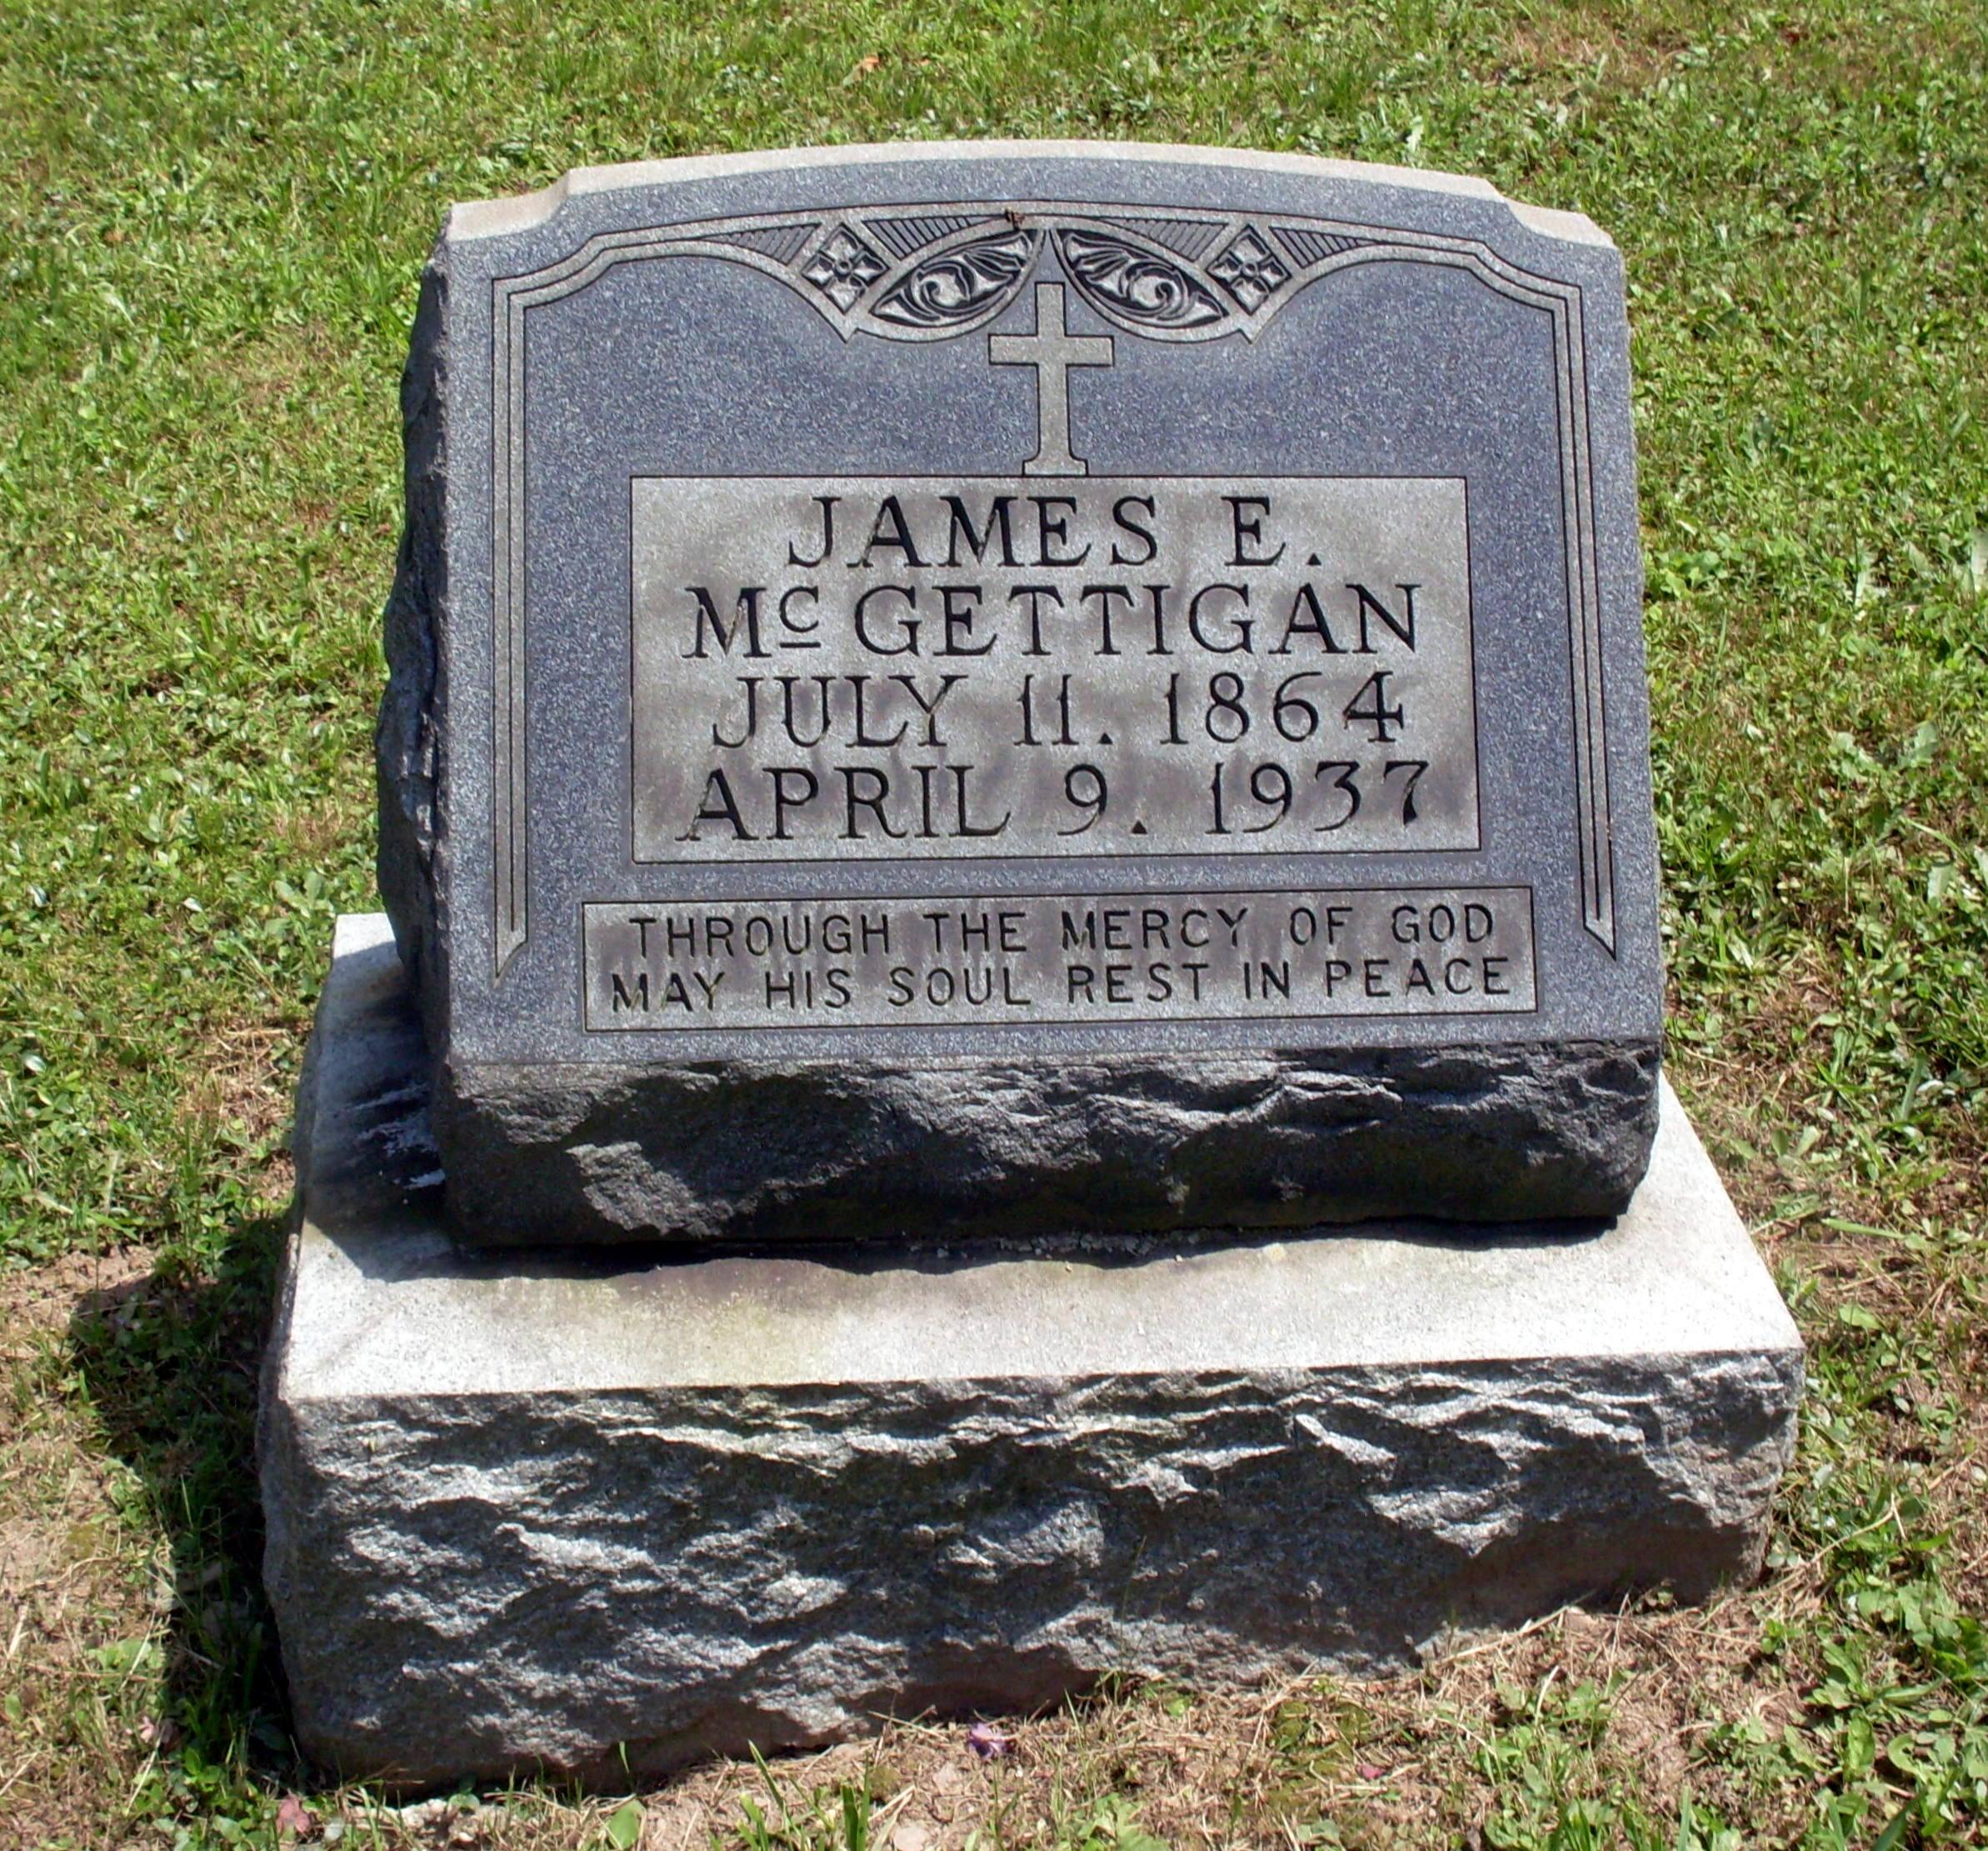 James E McGettigan